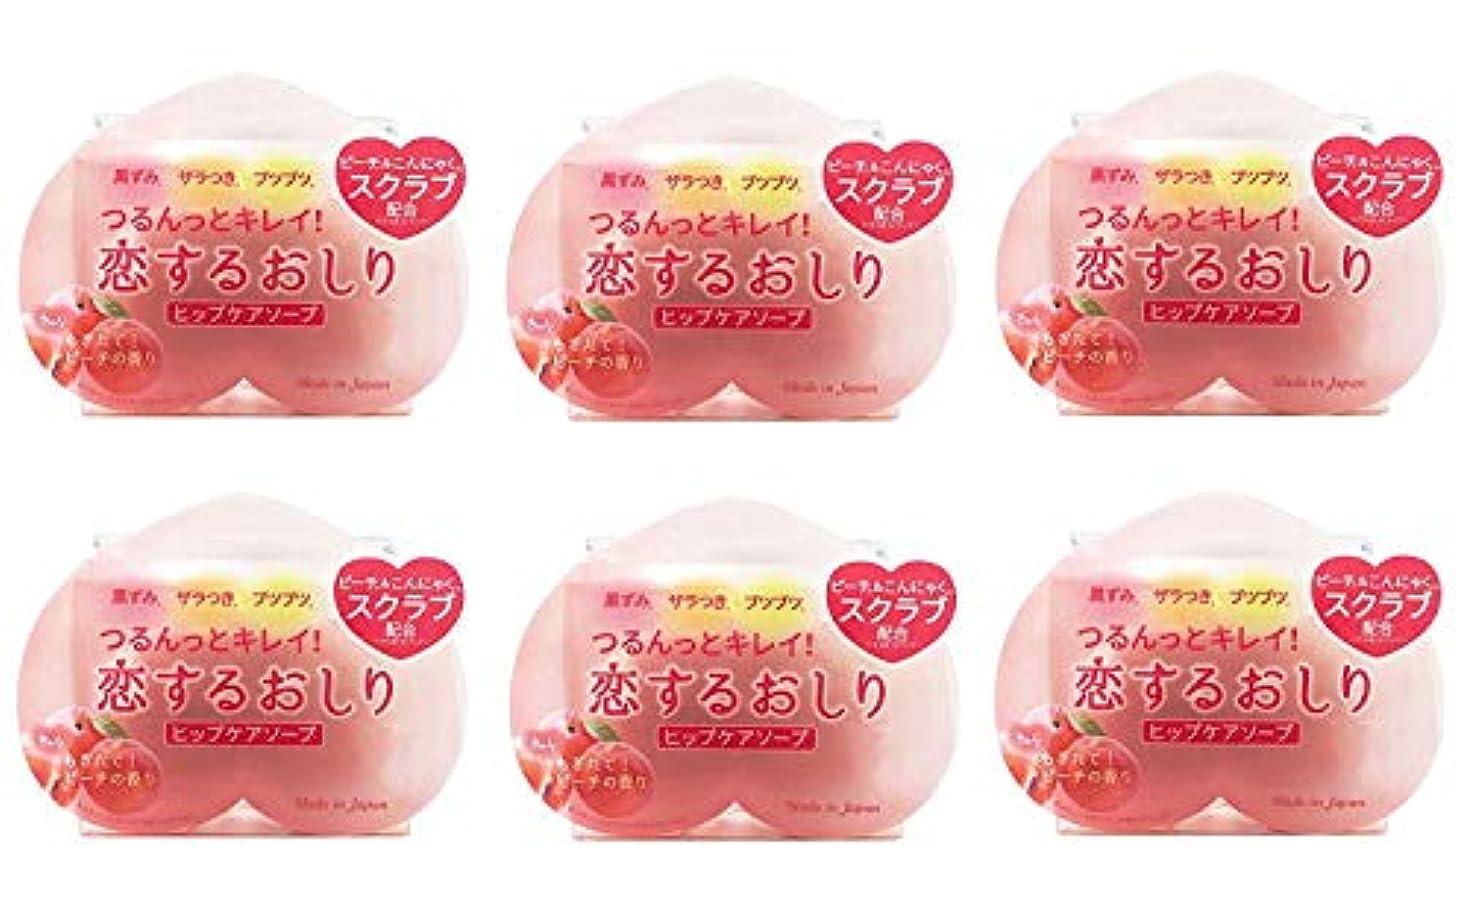 ランデブー柔らかさ切り離すペリカン石鹸 恋するおしり ヒップケアソープ 石鹸 80g×6個